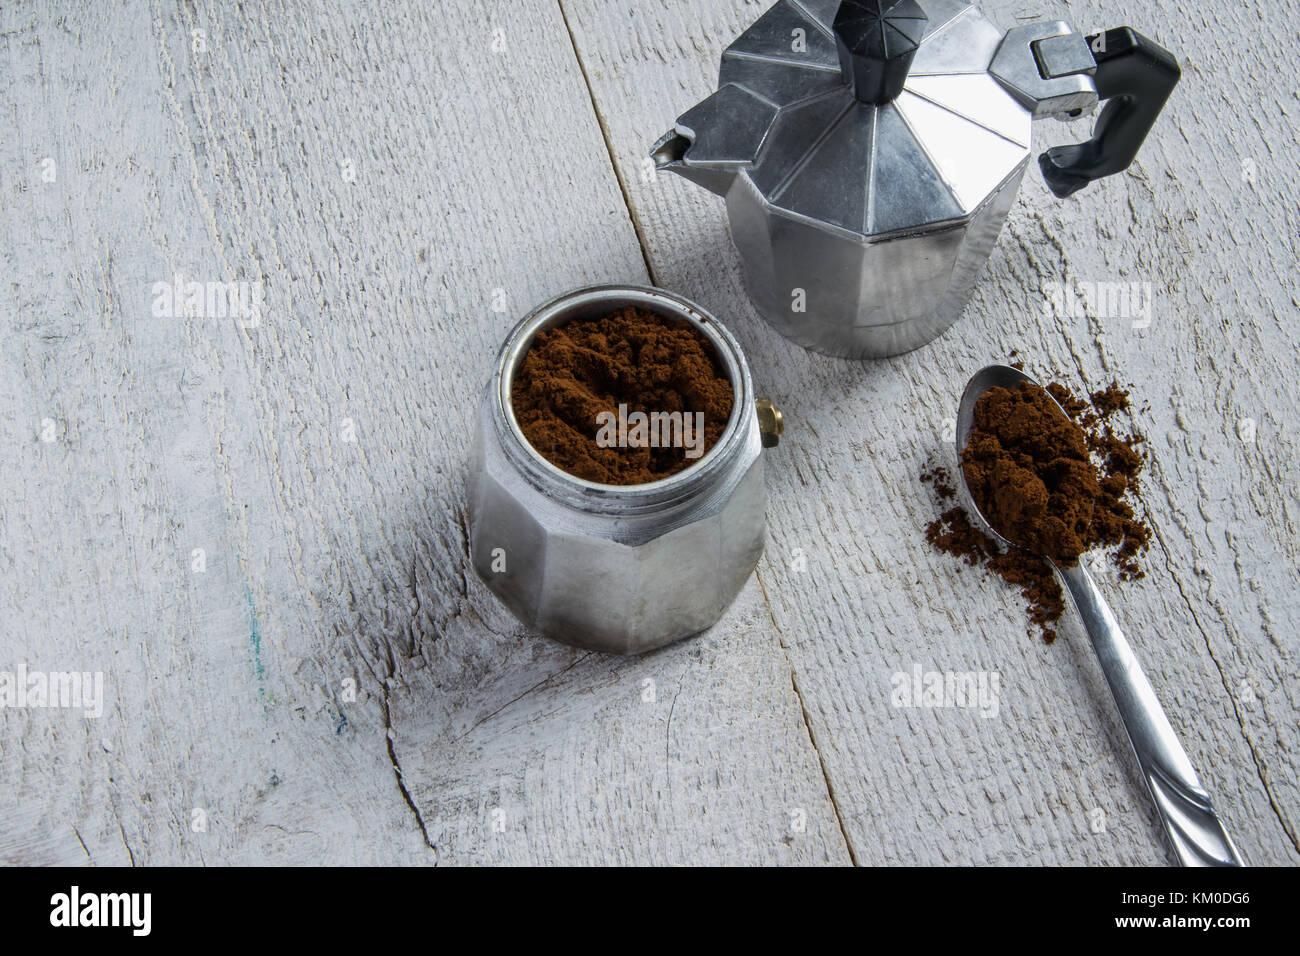 Preparing the coffee in a moka - italian coffee maker - Stock Image